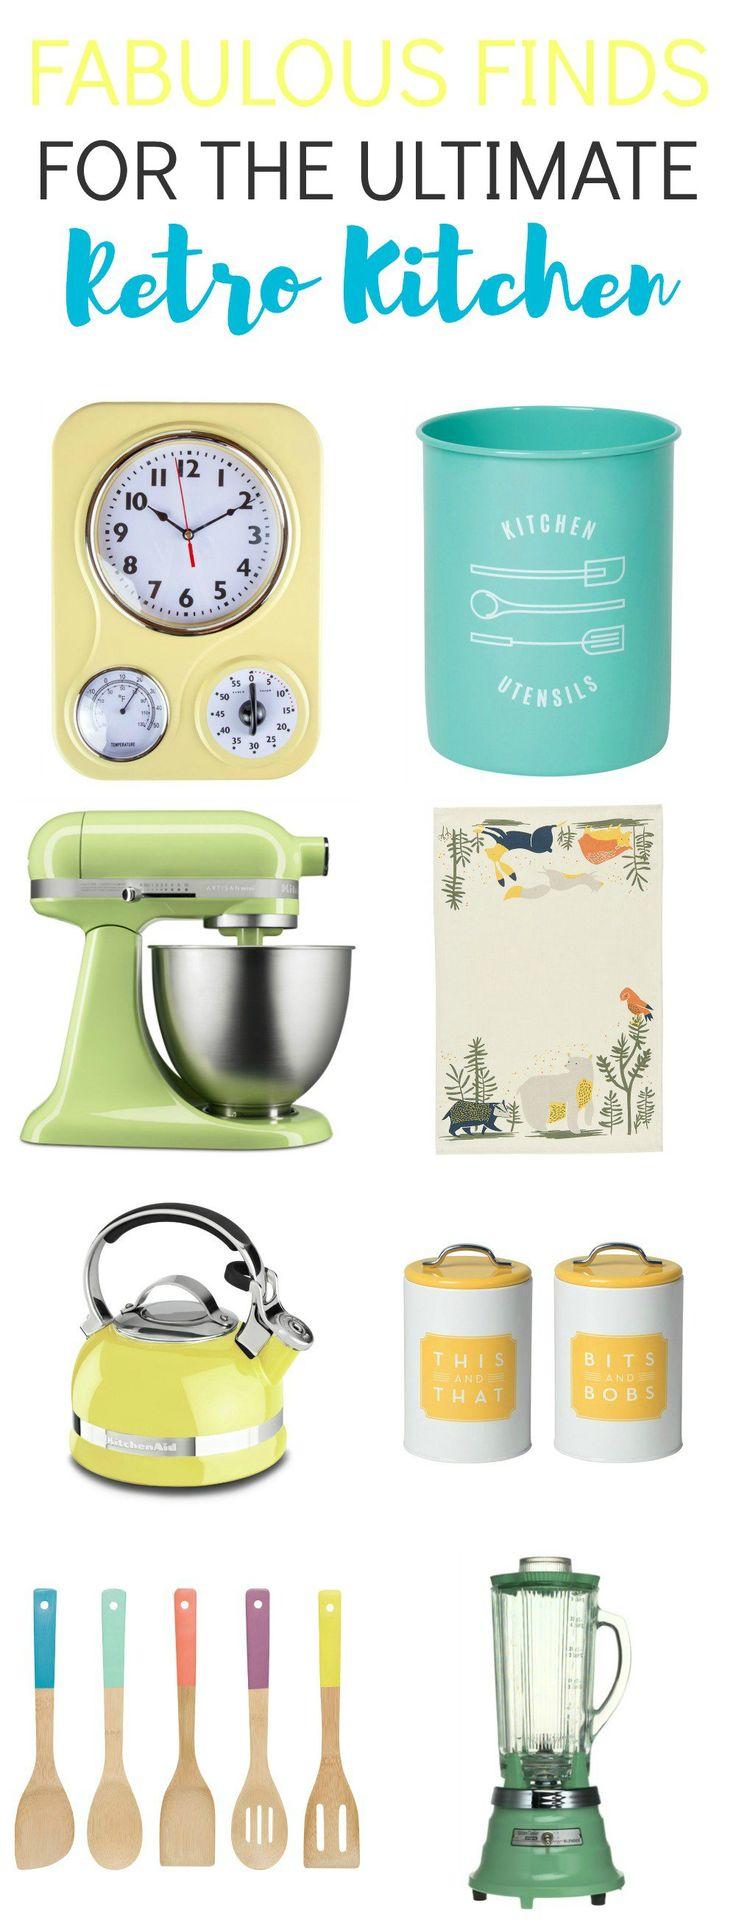 Retro Kitchen Accessories 17 Best Ideas About Retro Kitchen Accessories On Pinterest Retro